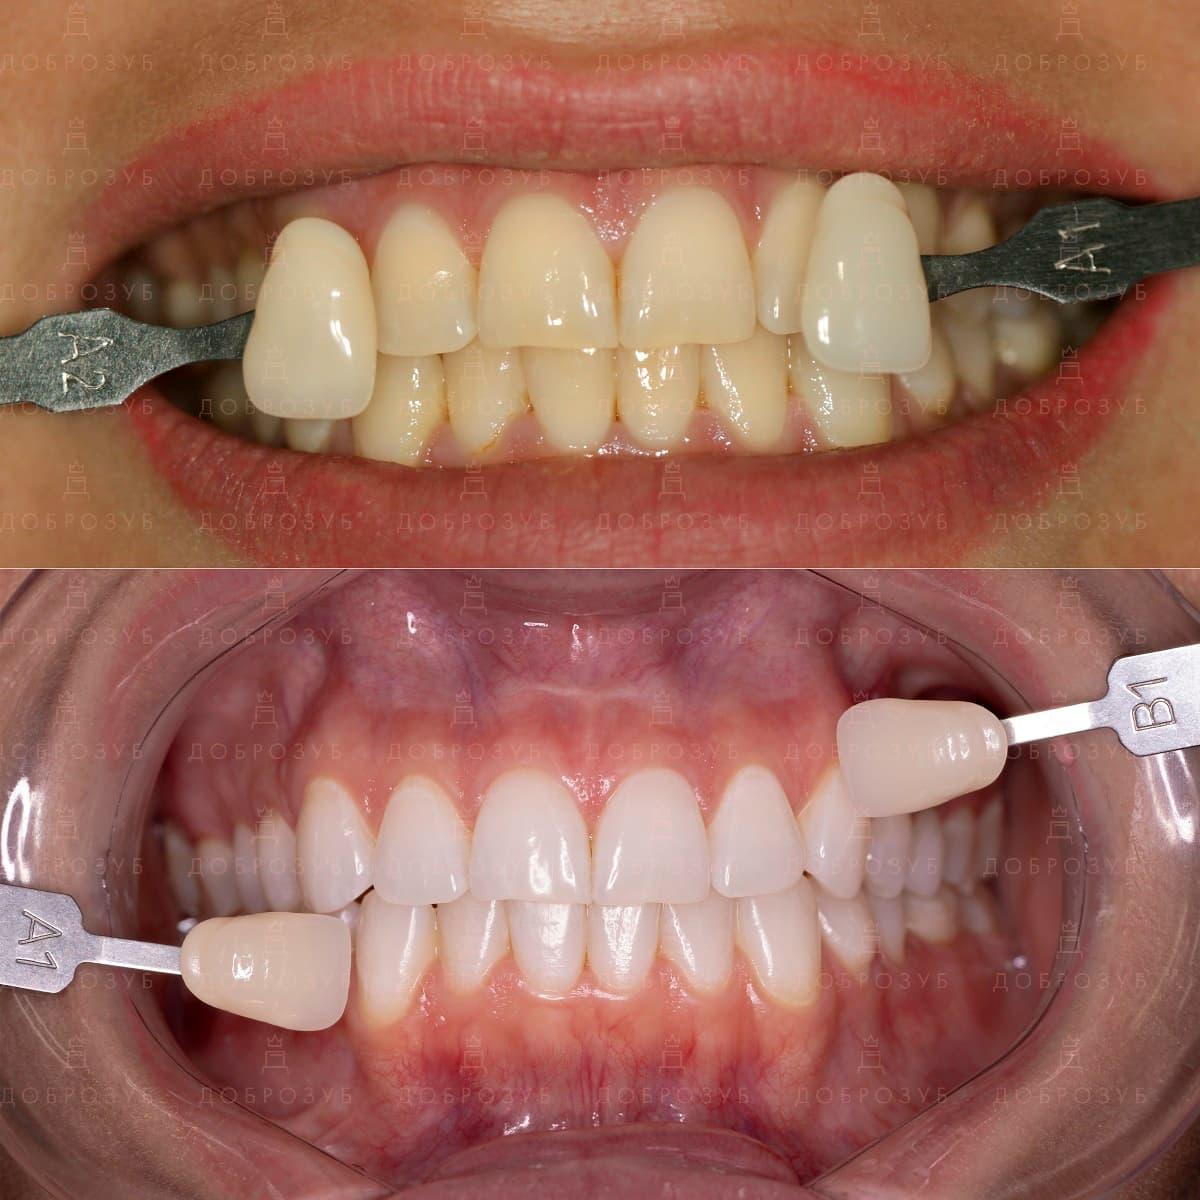 Безопасное отбеливание зубов капами навсегда | Фото 7 - Стоматология Доброзуб